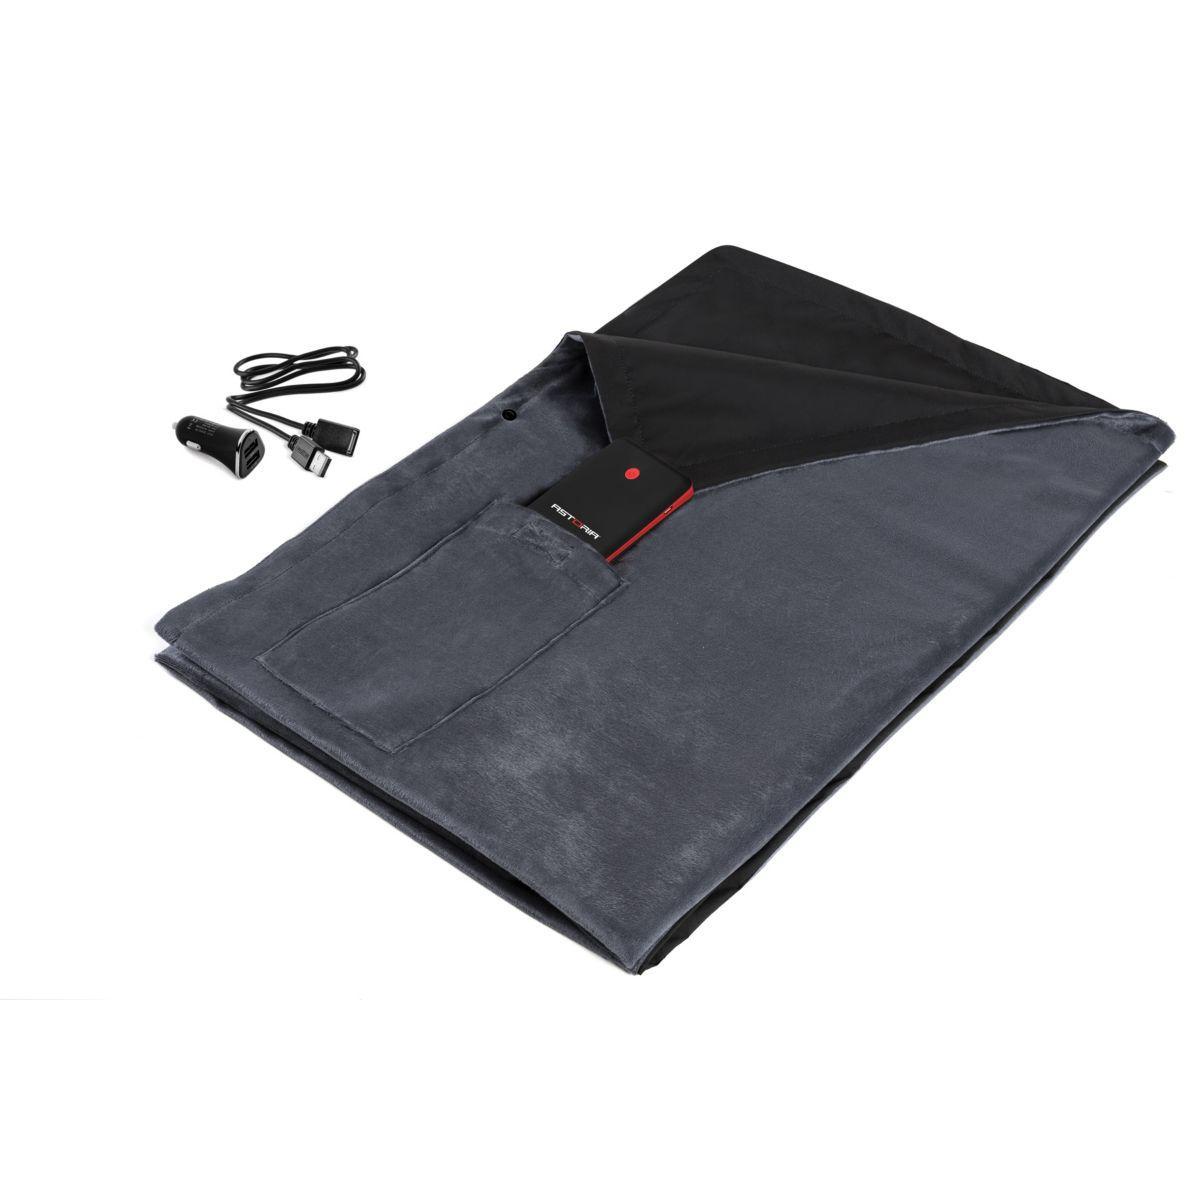 Couverture chauffante astoria plaid chauffant impermeable ad800a - 20% de remise imm�diate avec le code : deal20 (photo)